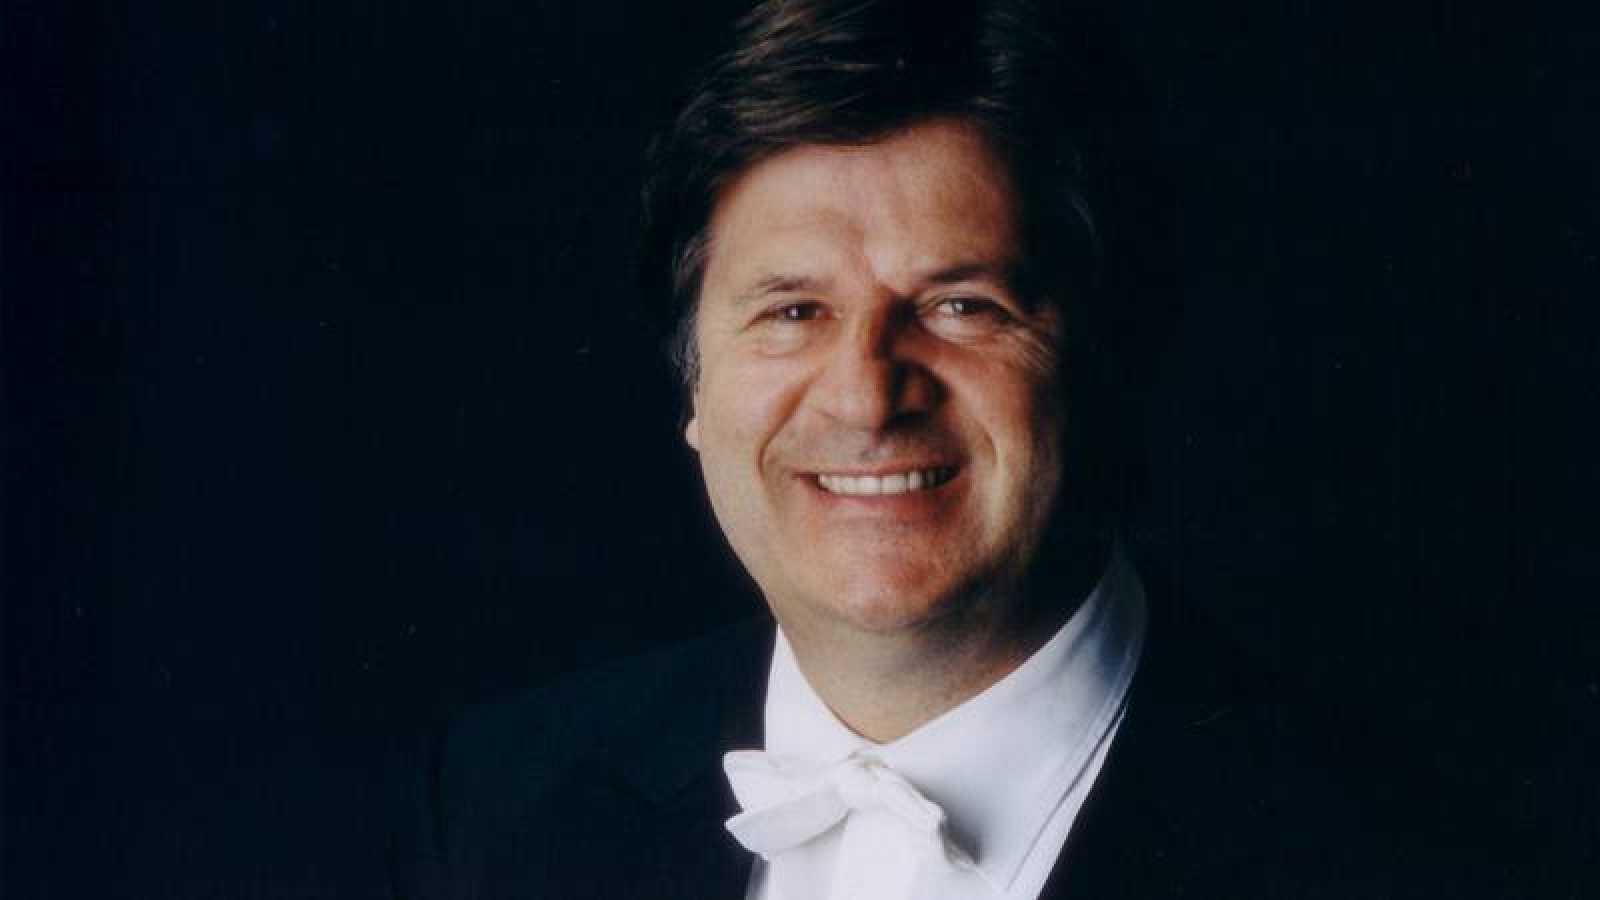 El director de orquesta Günter Neuhold